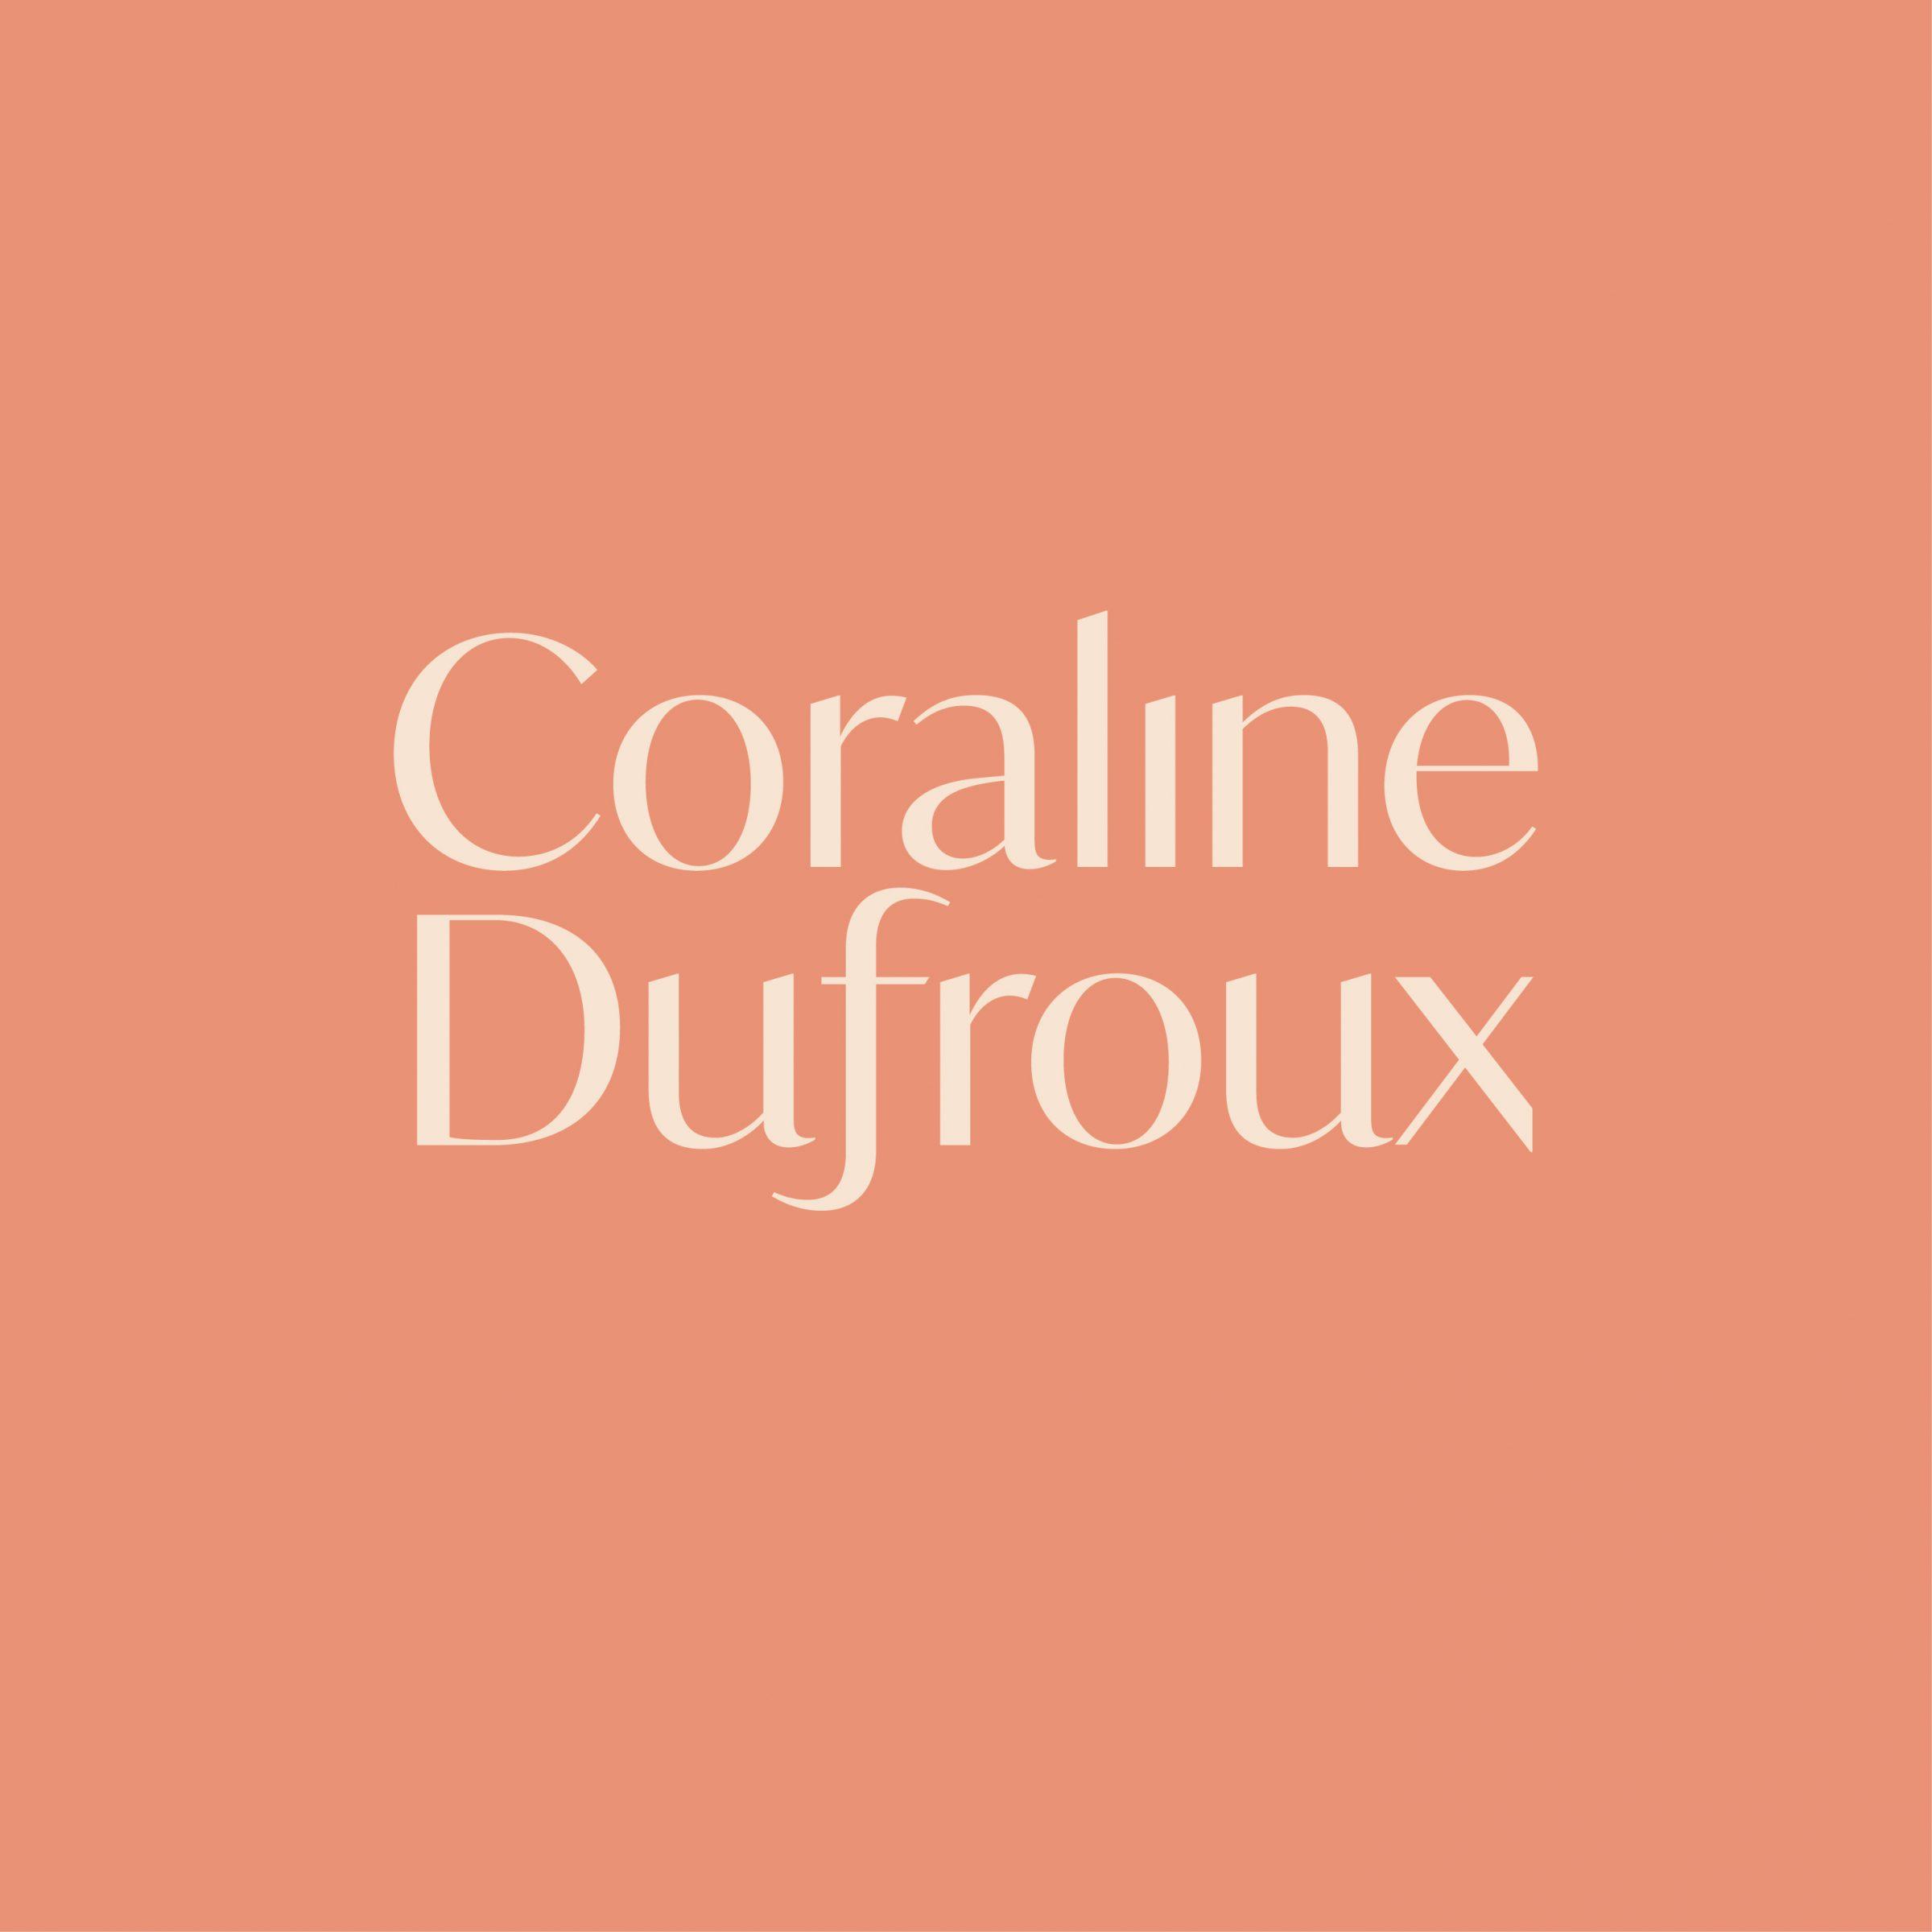 BRANDING LOGO CORALINE DUFROUX